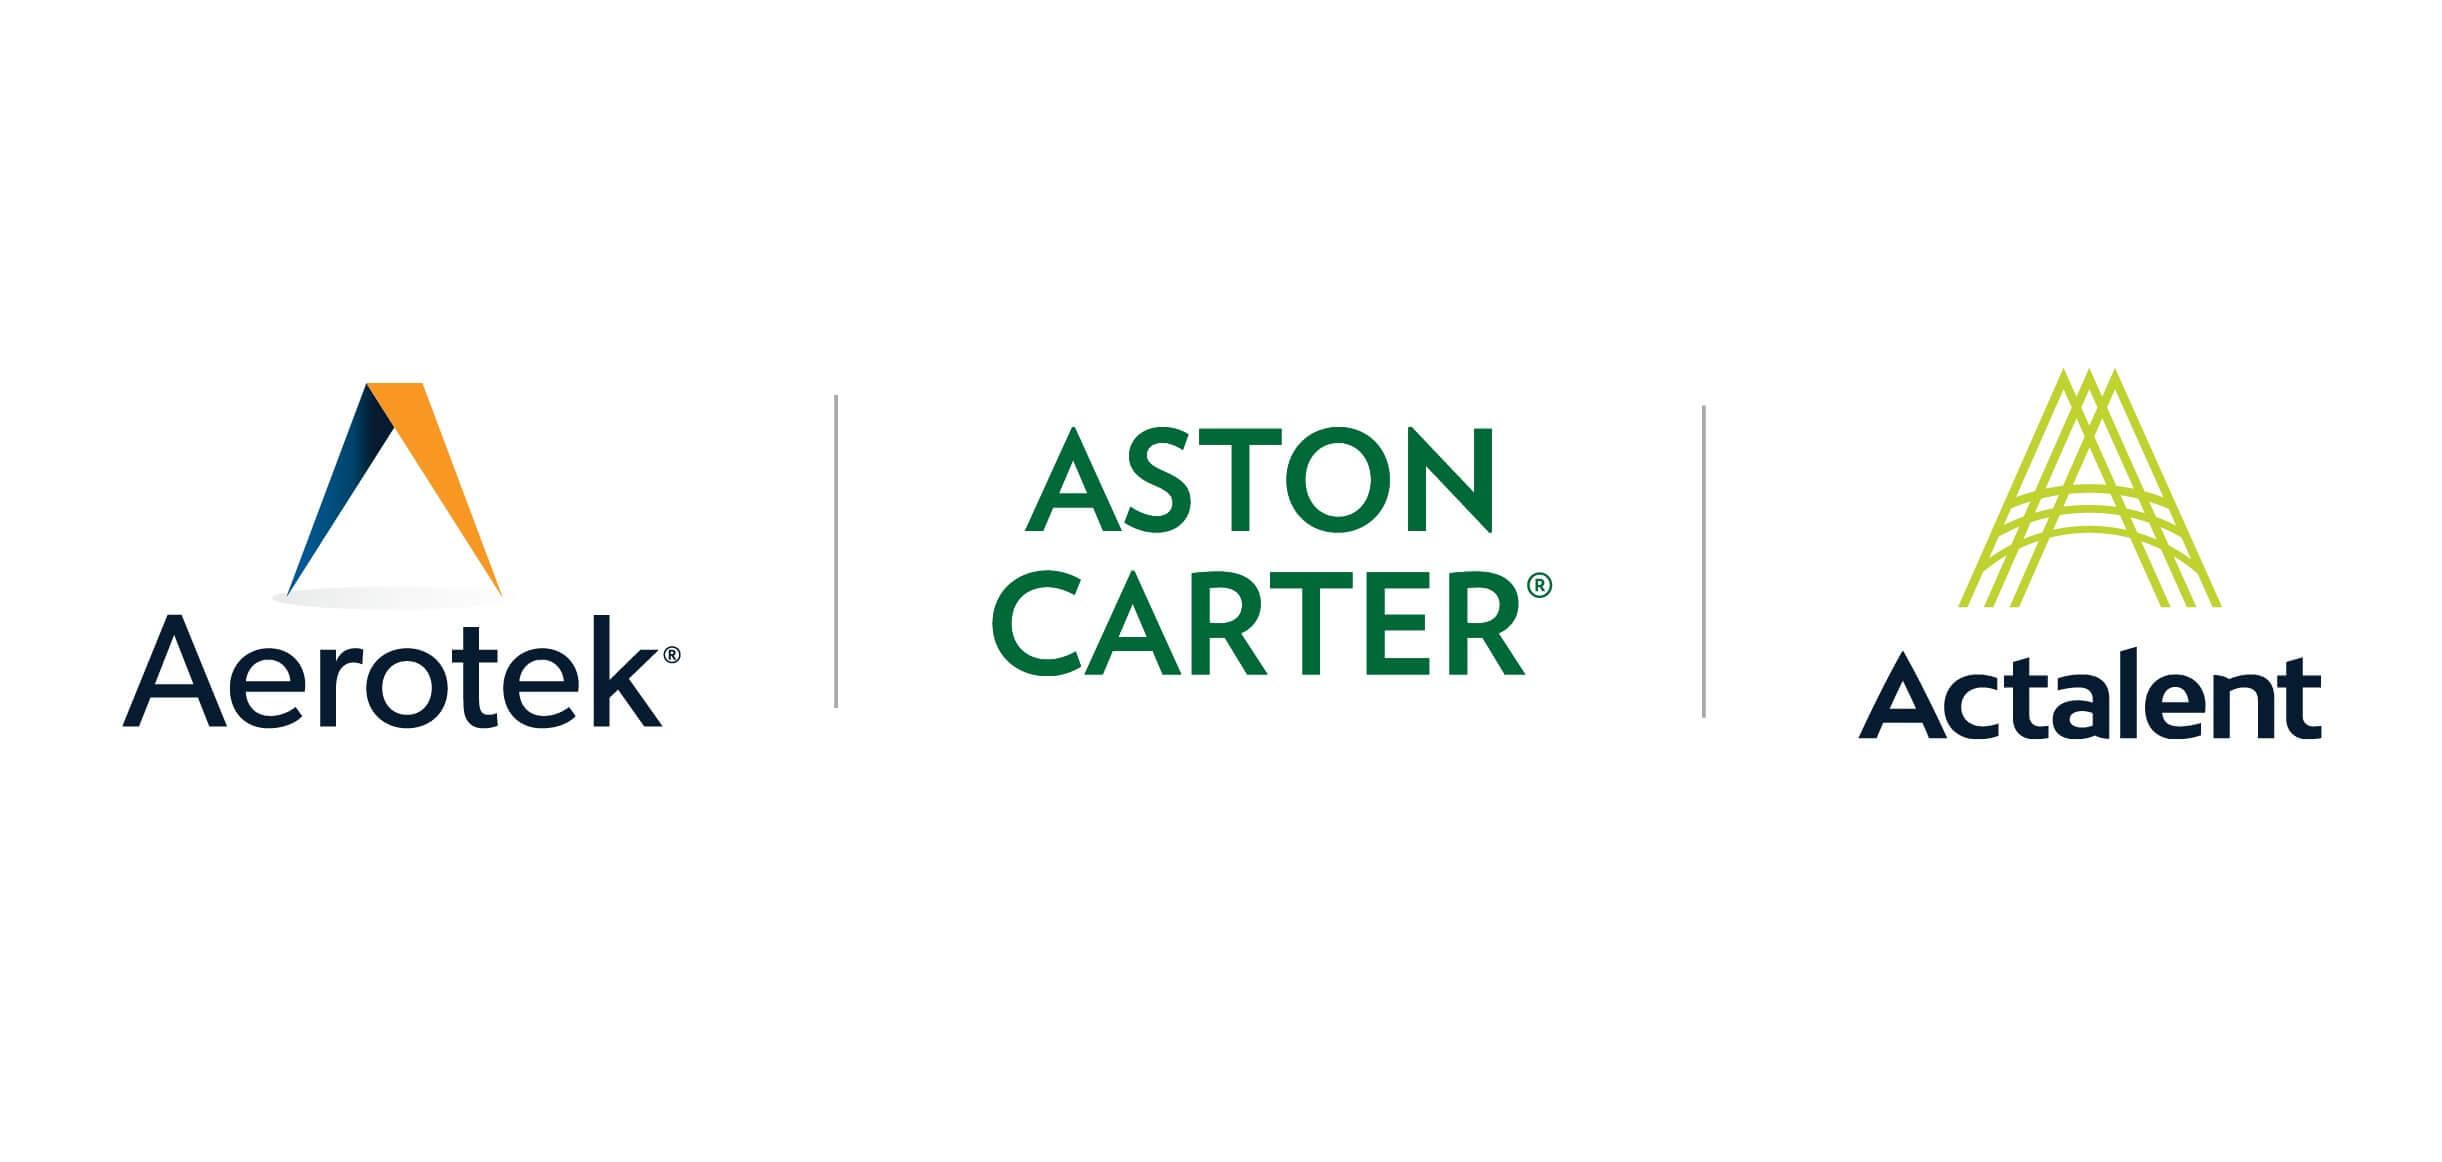 Aerotek, Aston Carter et la nouvelle marque Actalent s'alignent stratégiquement afin de fournir des solutions de talents personnalisées.